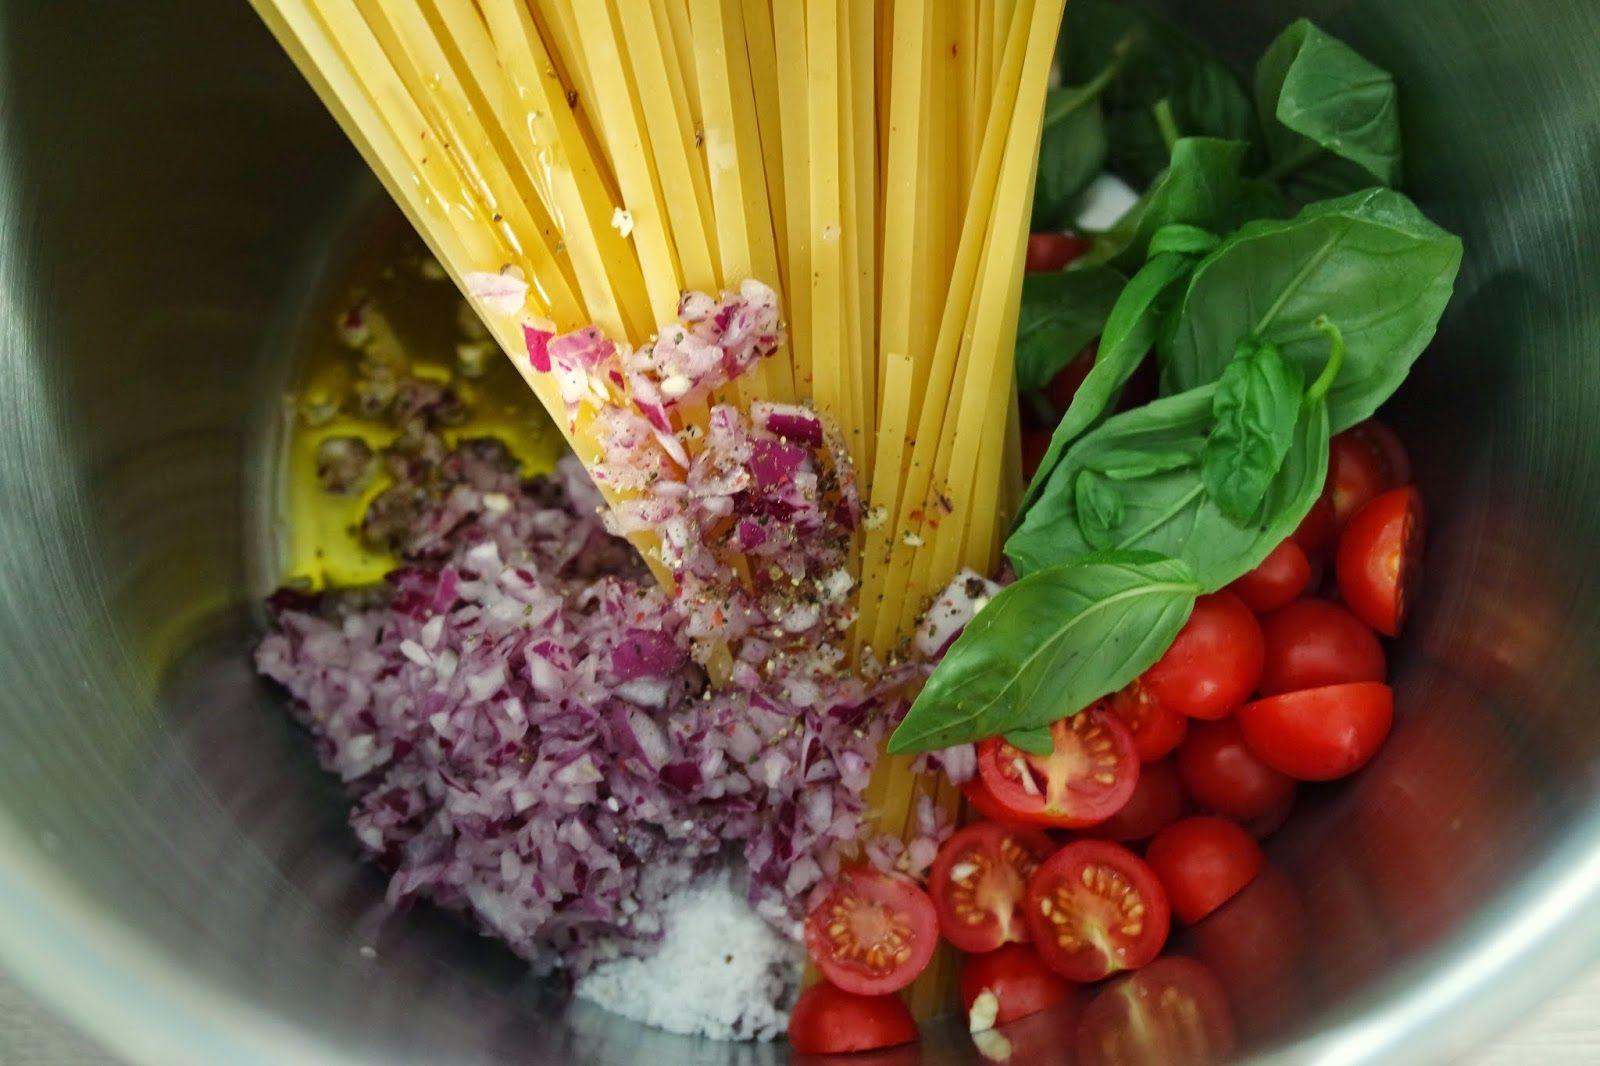 Pates Tomates Basilic Pasta Magiques Pates Tomates Basilic Tomate Basilic Pate Tomate